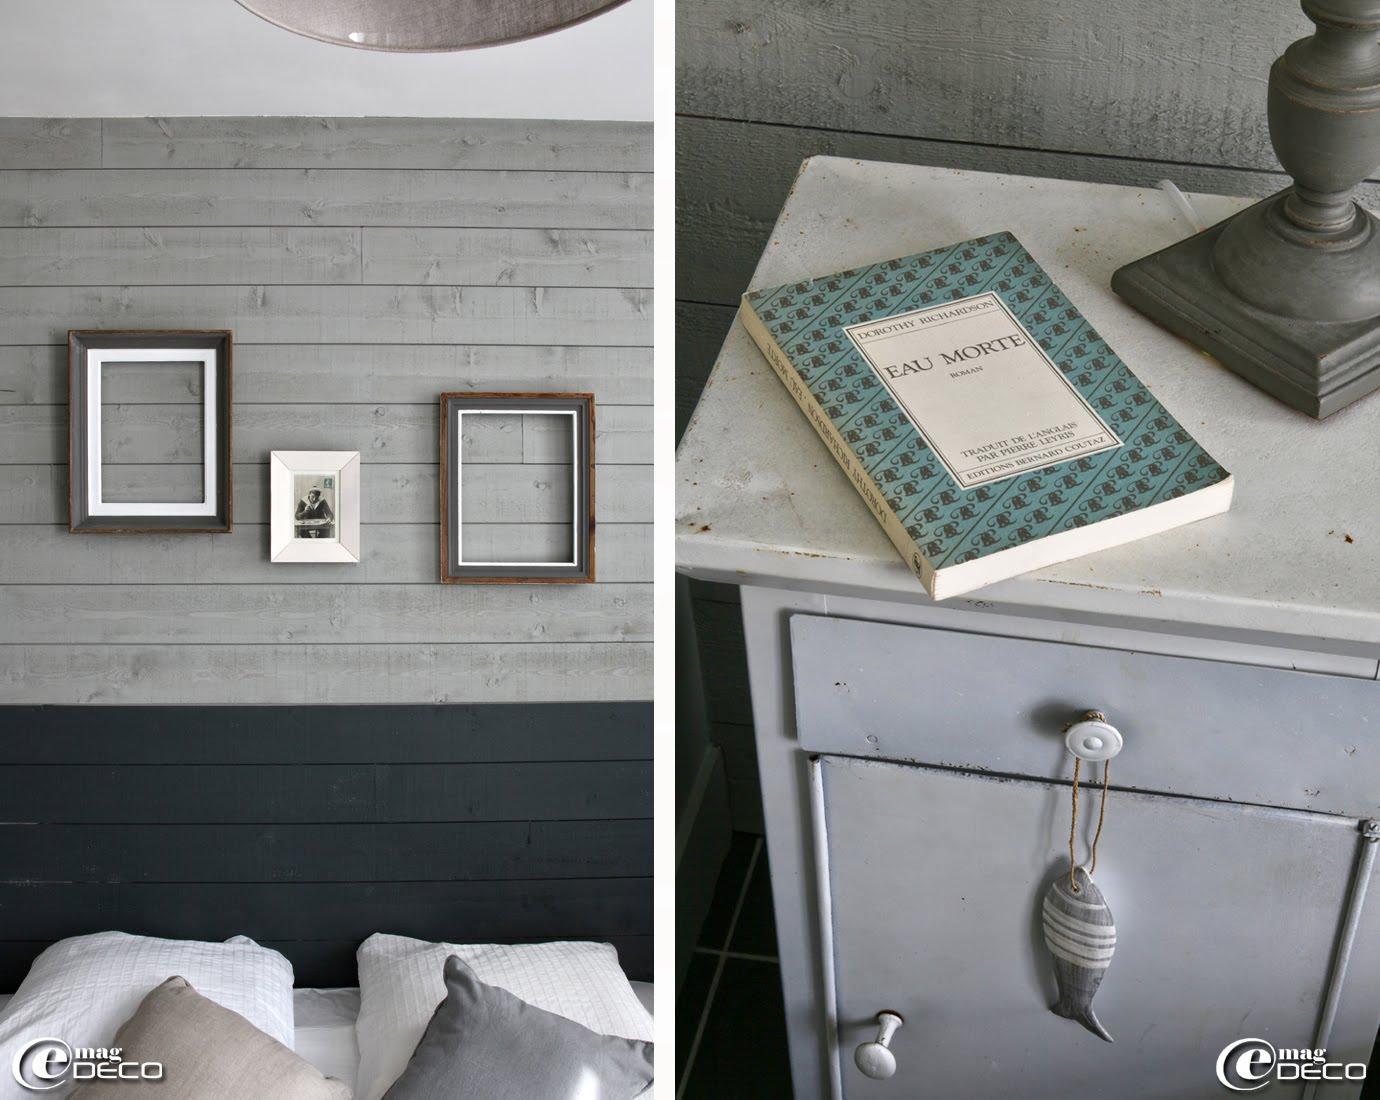 Bardage de planches peintes avec des couleurs 'Farrow & Ball', appartement de vacances gîtes 'La Maison Matelot' à Port-en-Bessin